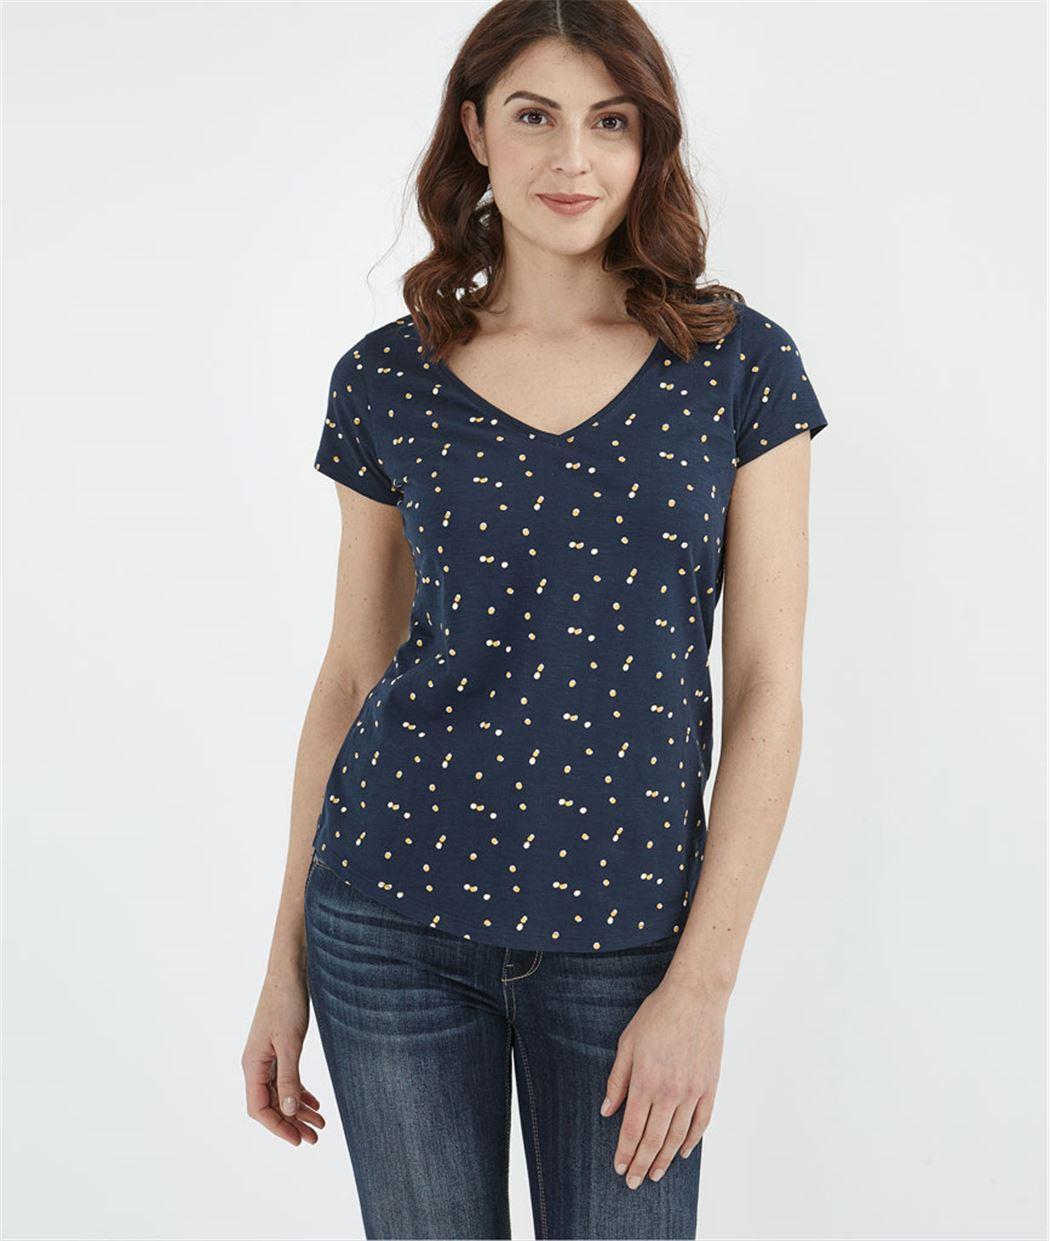 T-shirt femme basique avec imprimés MARINE